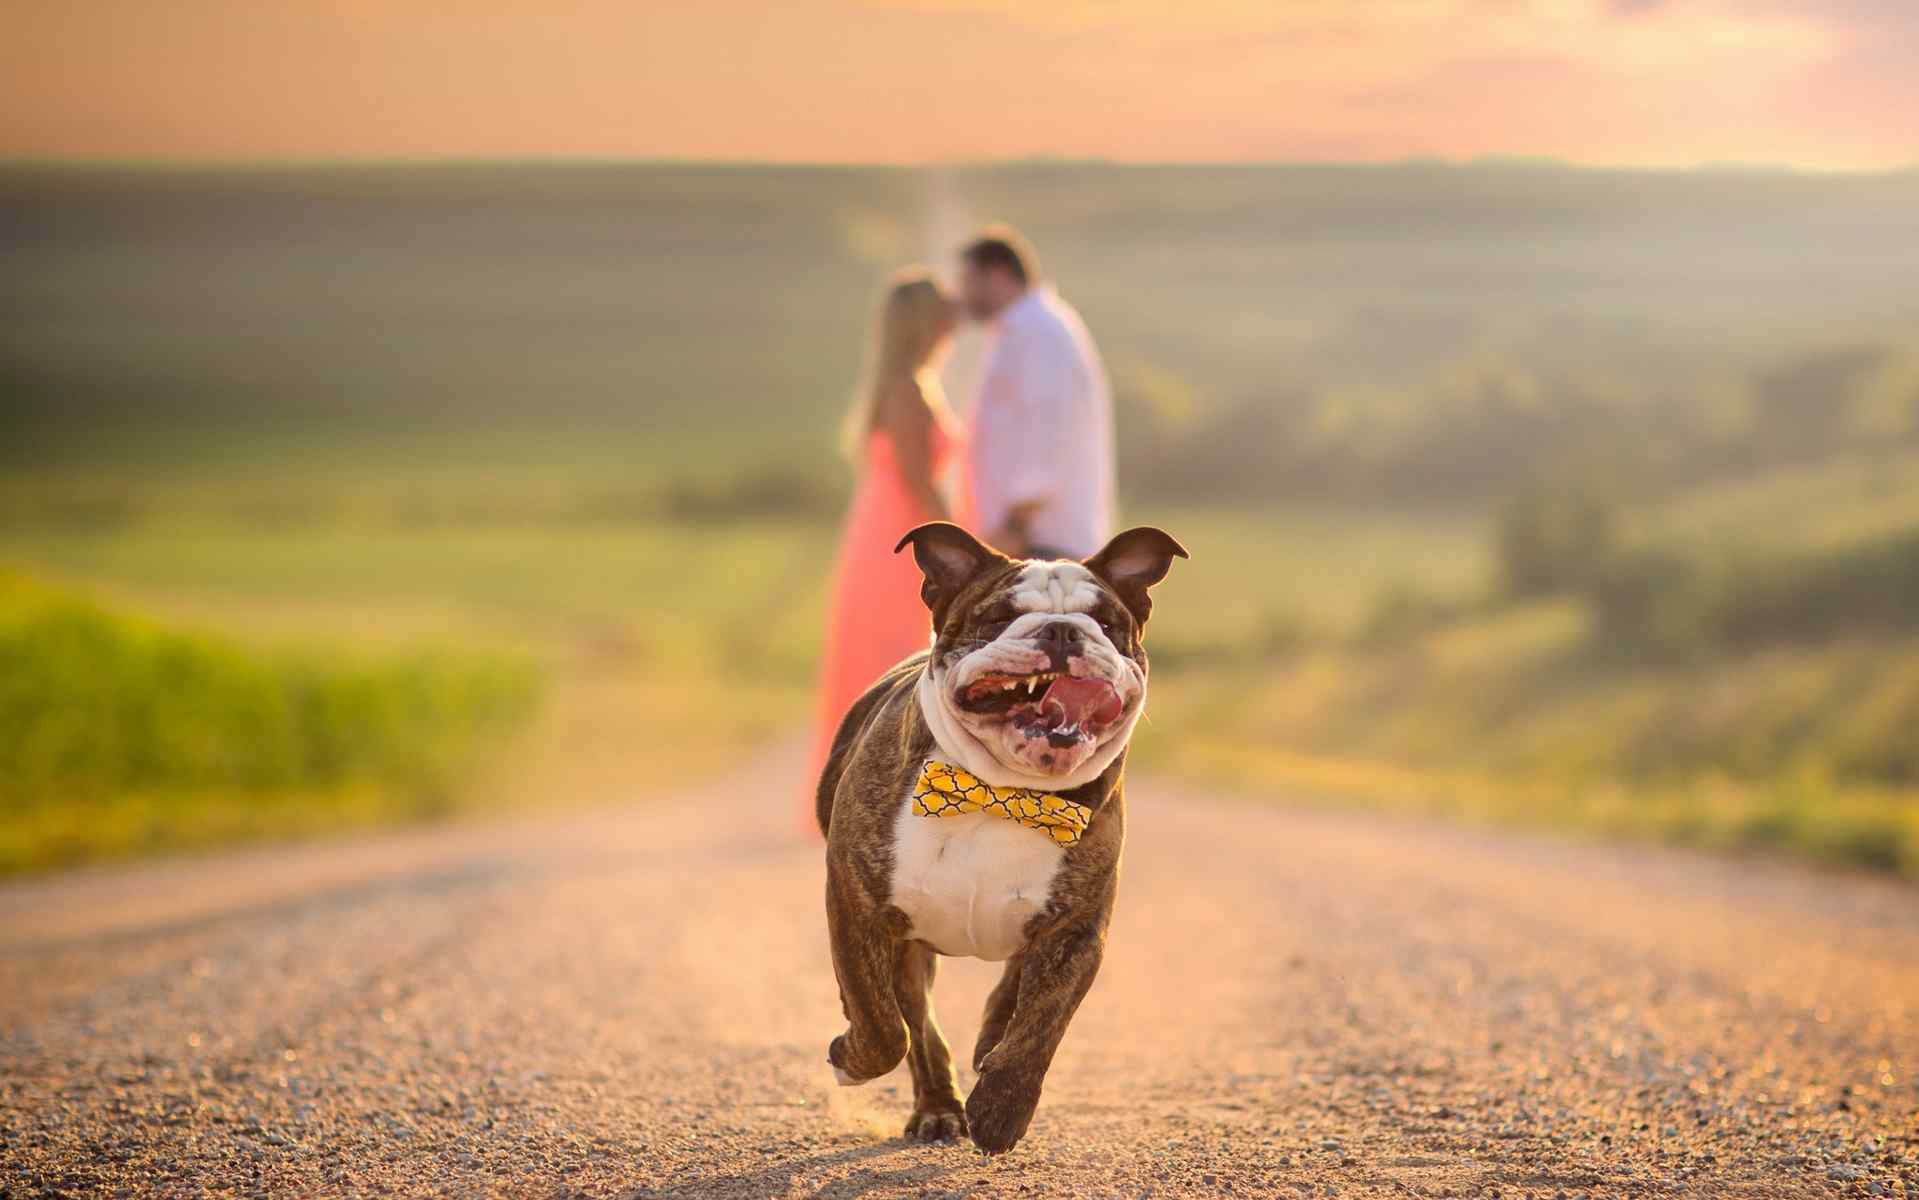 戴领结的斗牛犬奔跑可爱图片桌面壁纸